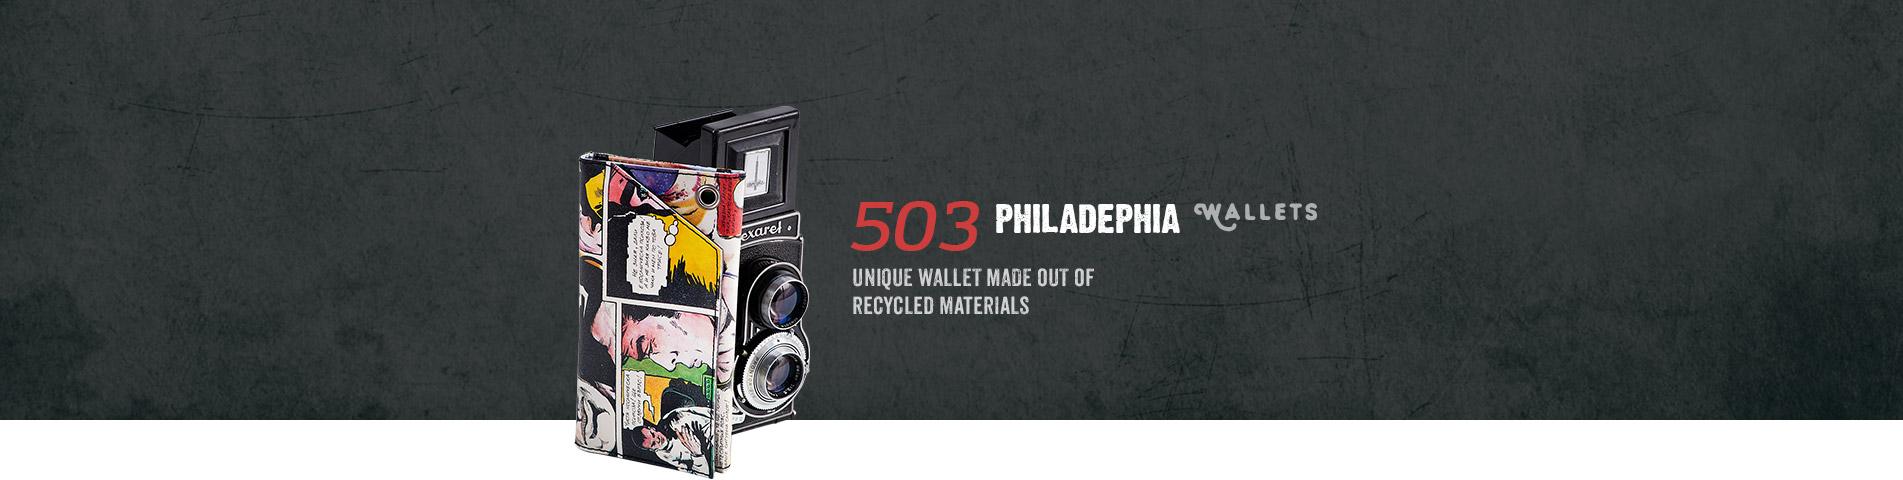 503 Philadelphia Wallets